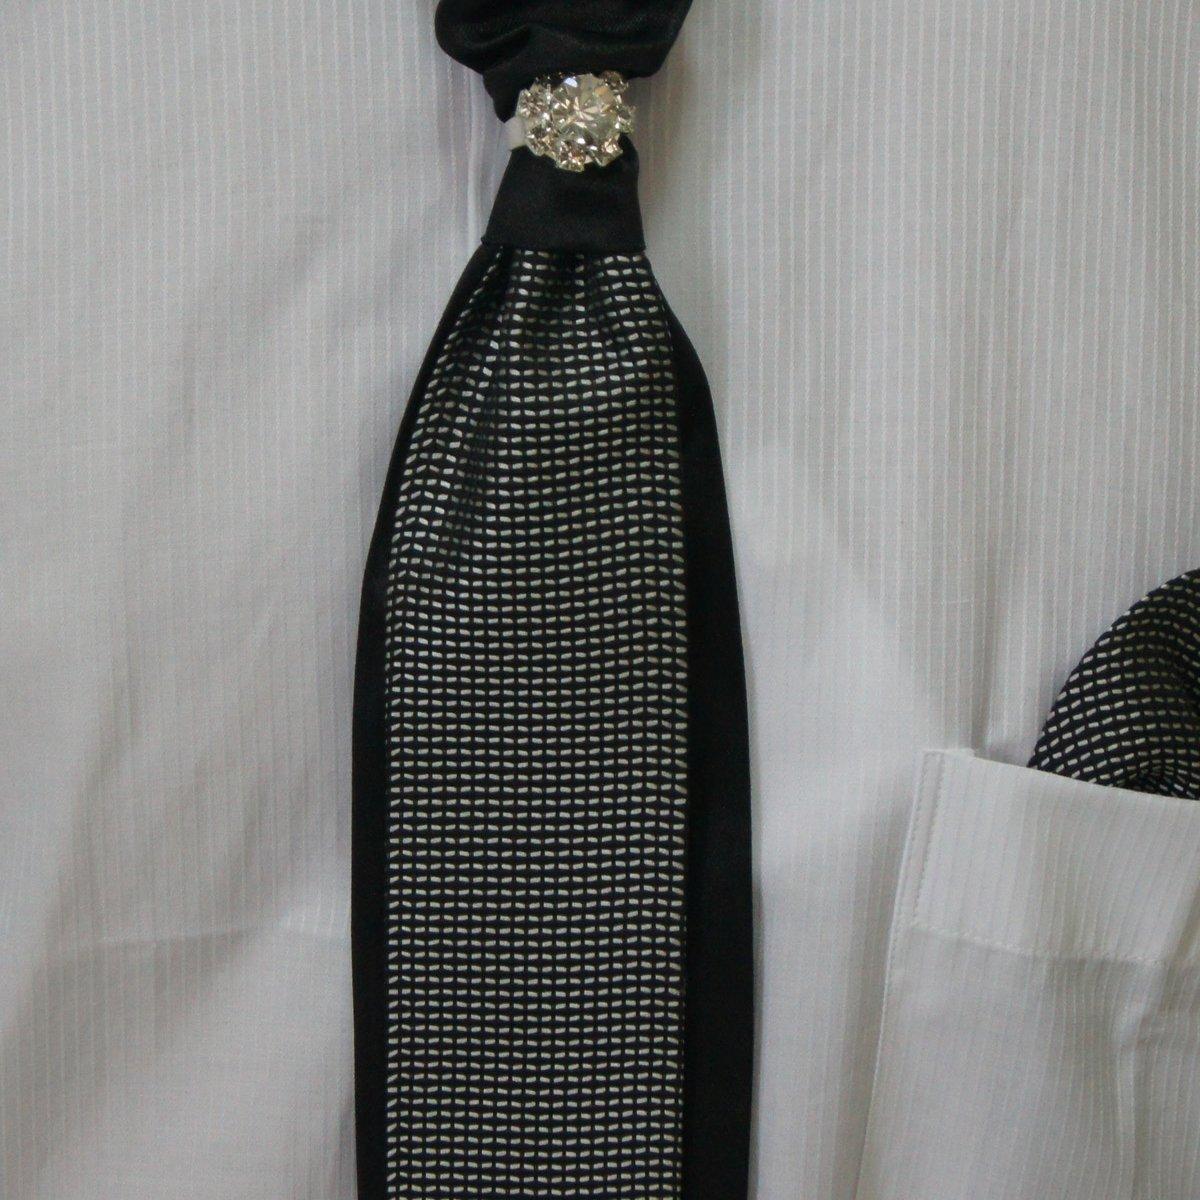 kravata #165 - muske kravate cene, kravata za vencanje, svadbu, svadba, mladozenja, mladozenje